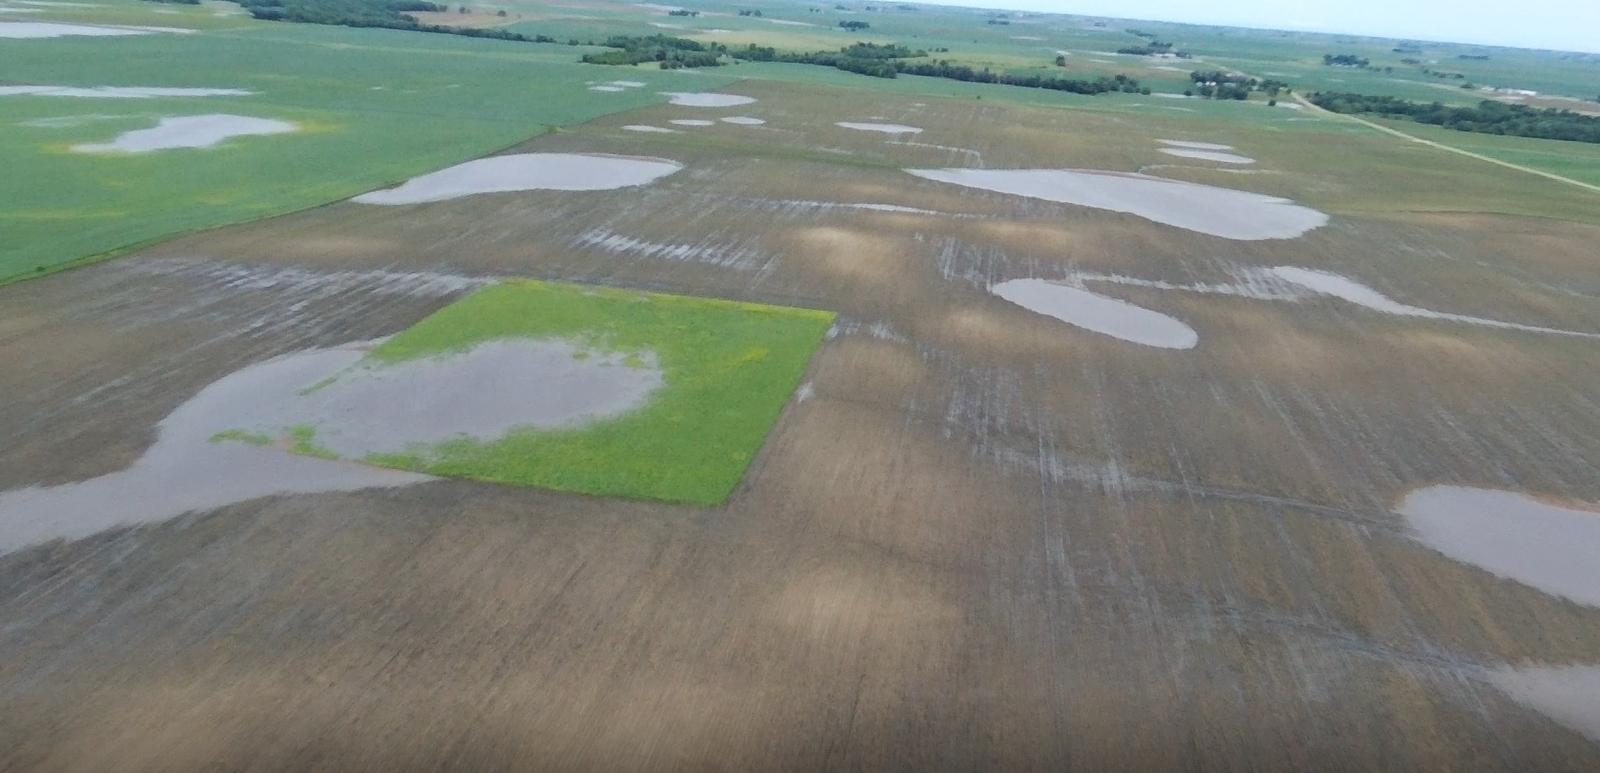 Pix4D Crop Insurance Flooding in Iowa2